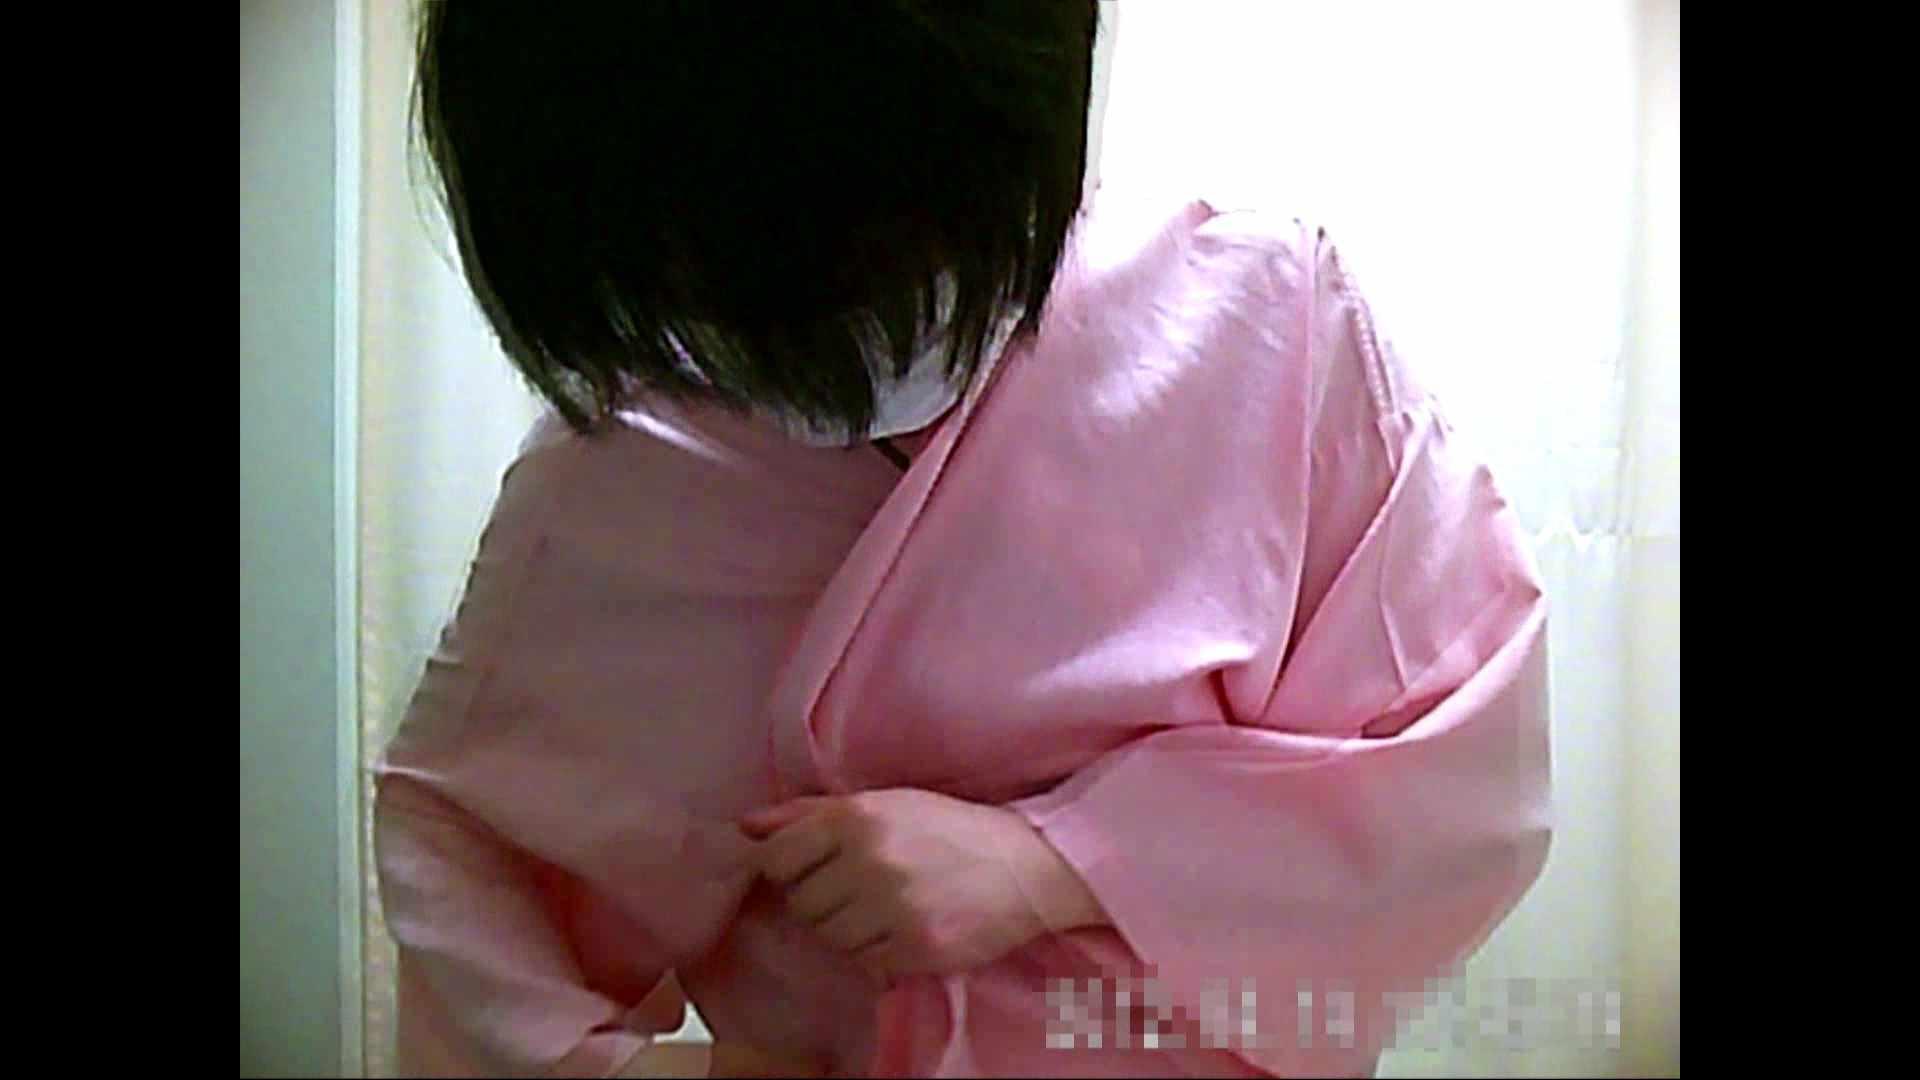 元医者による反抗 更衣室地獄絵巻 vol.018 お姉さんのSEX | ギャル達  92枚 61